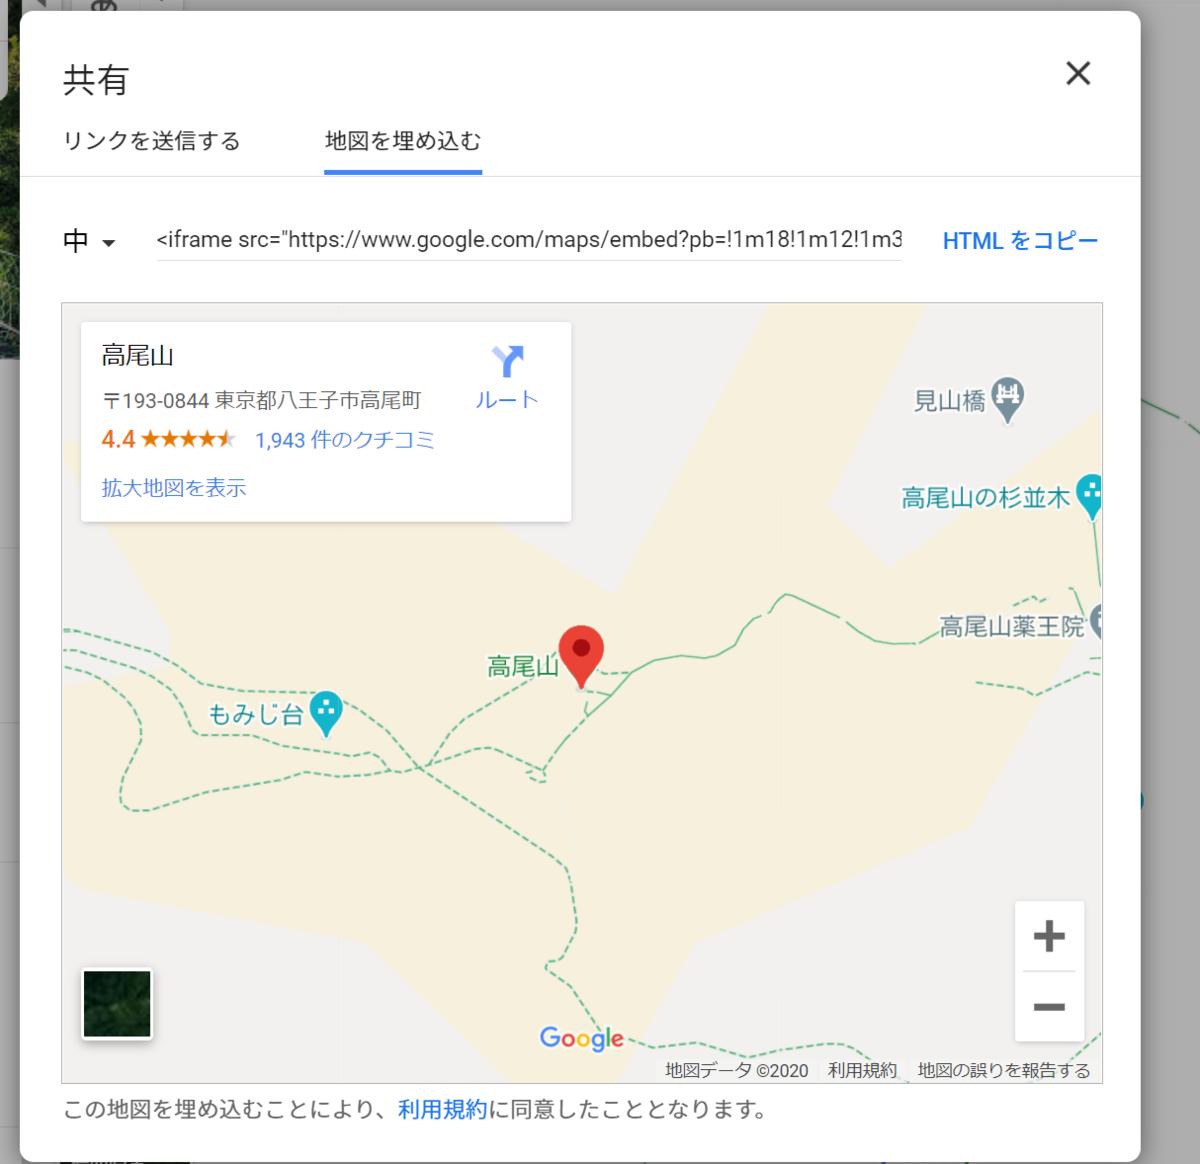 f:id:sakikiti:20201021234305p:plain